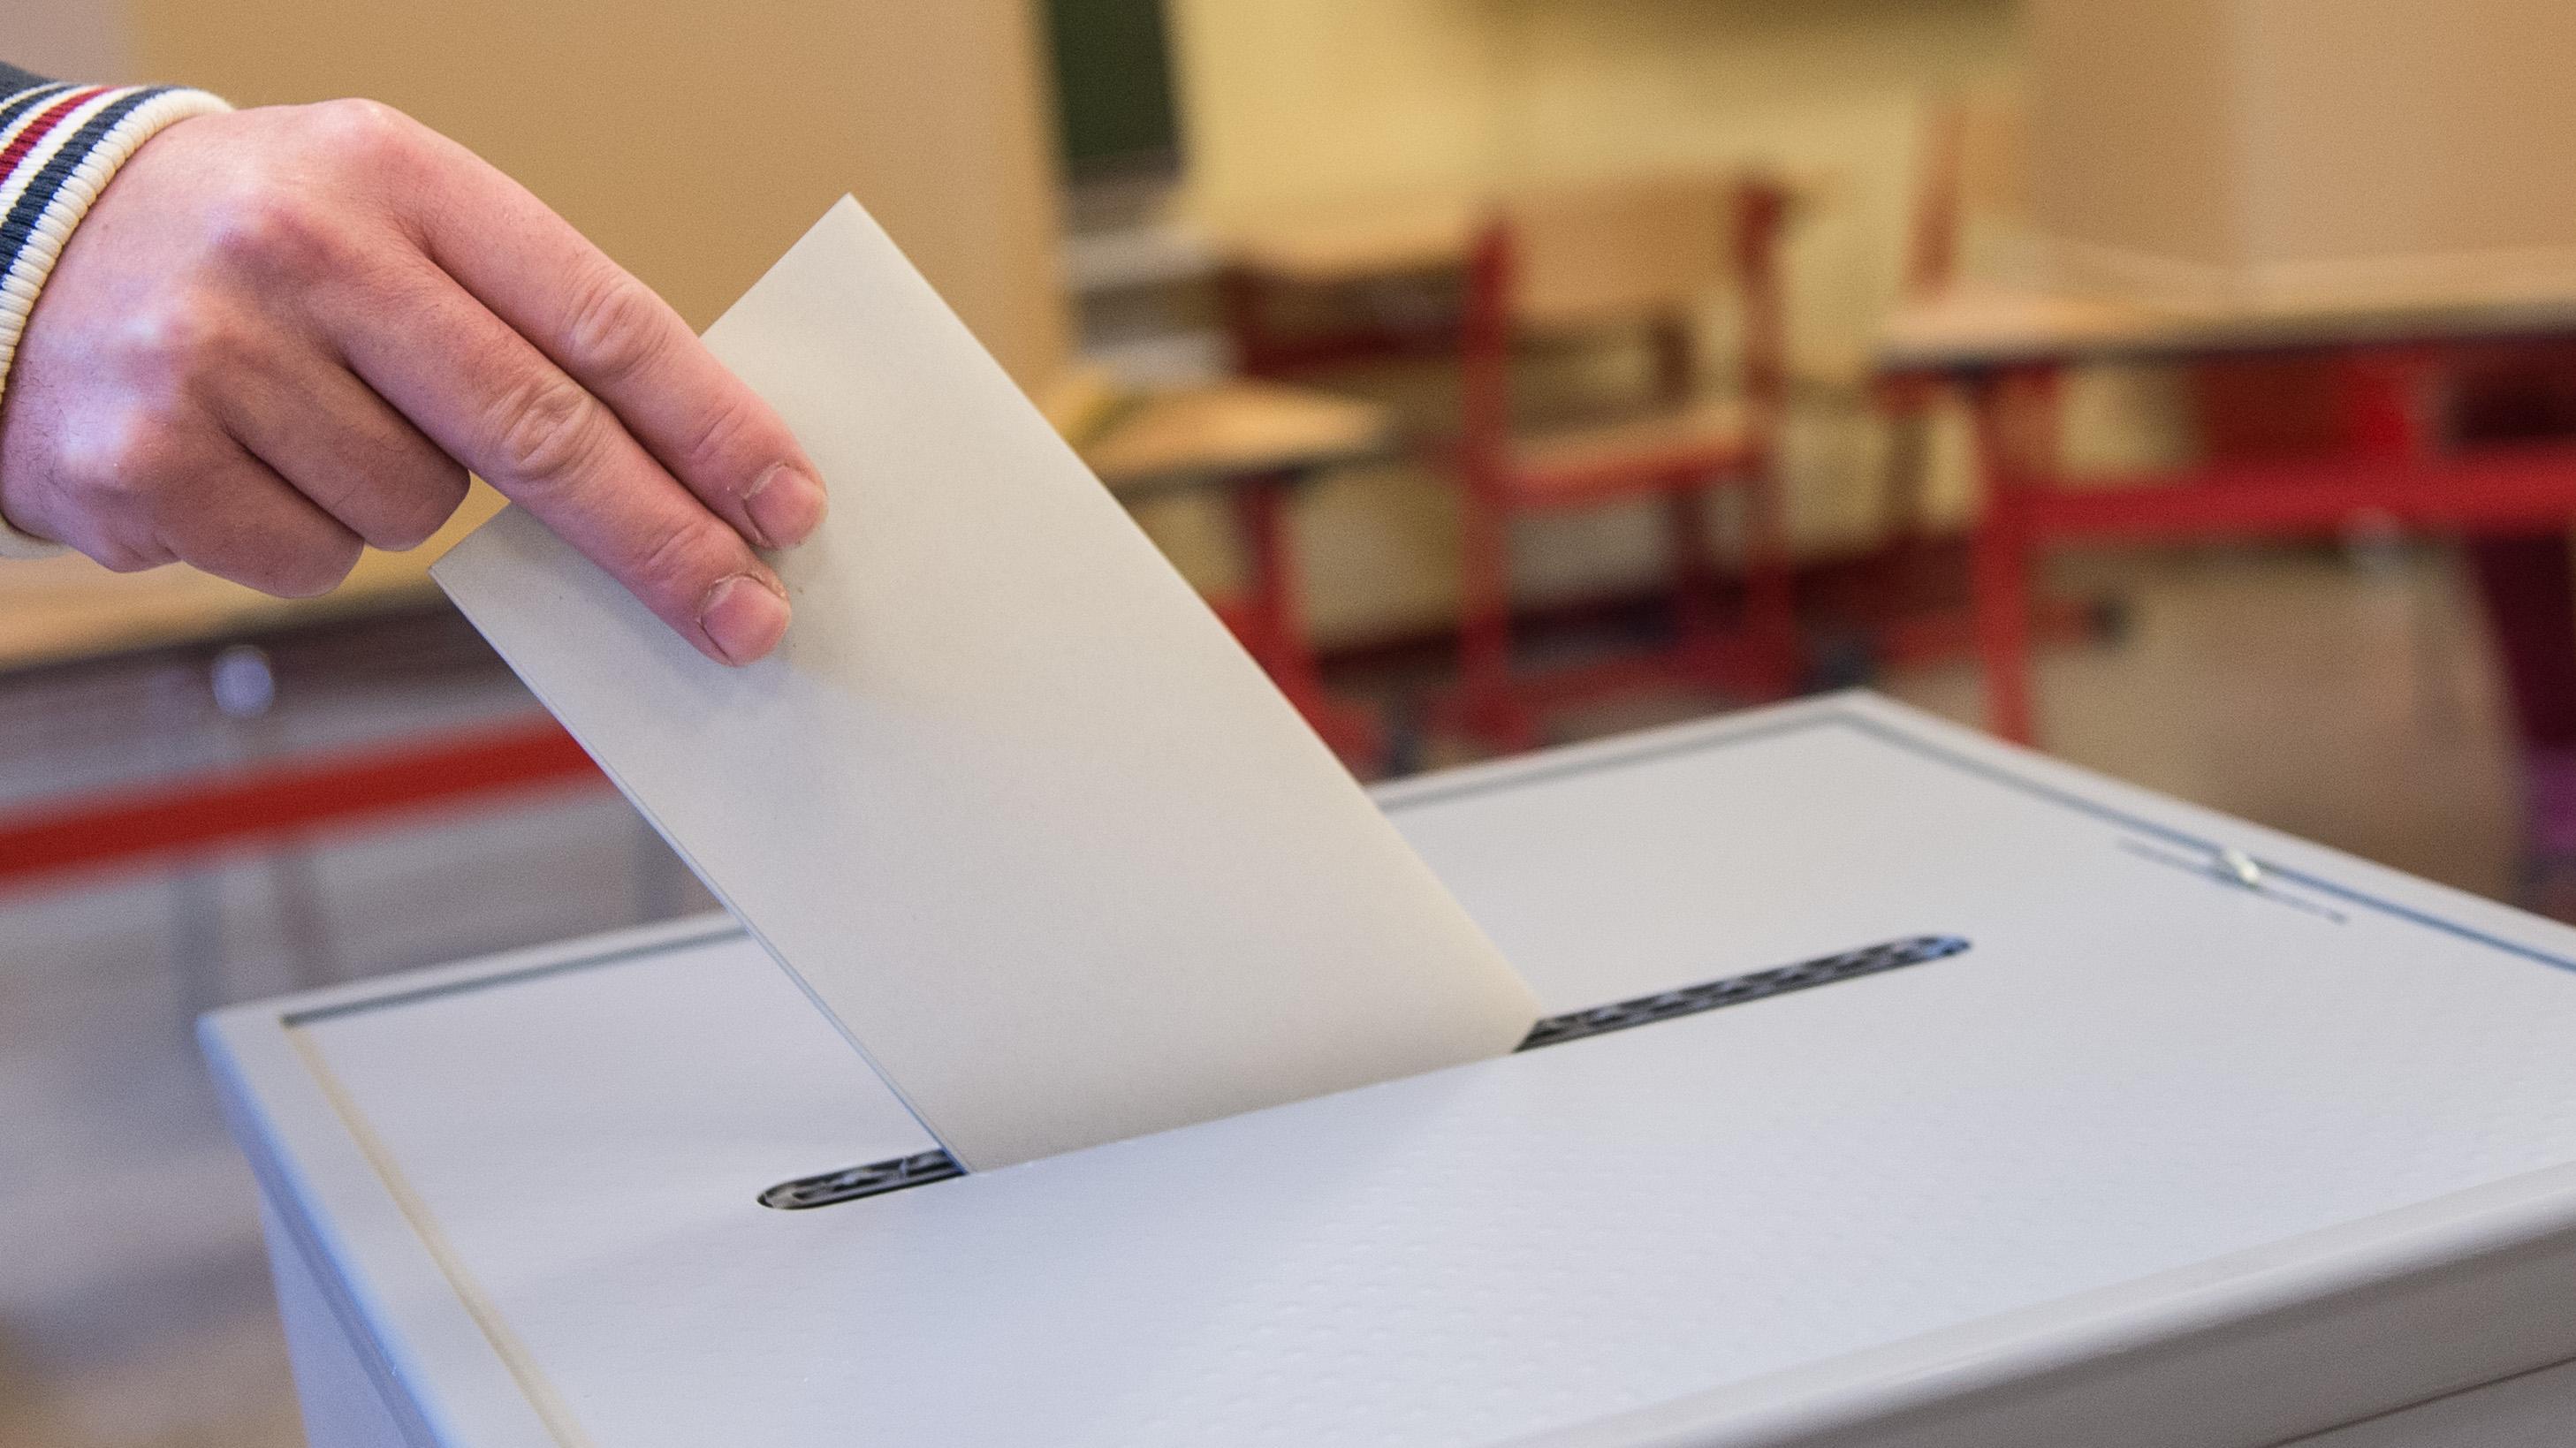 Stimmzettel wird in eine Wahlurne eingeworfen